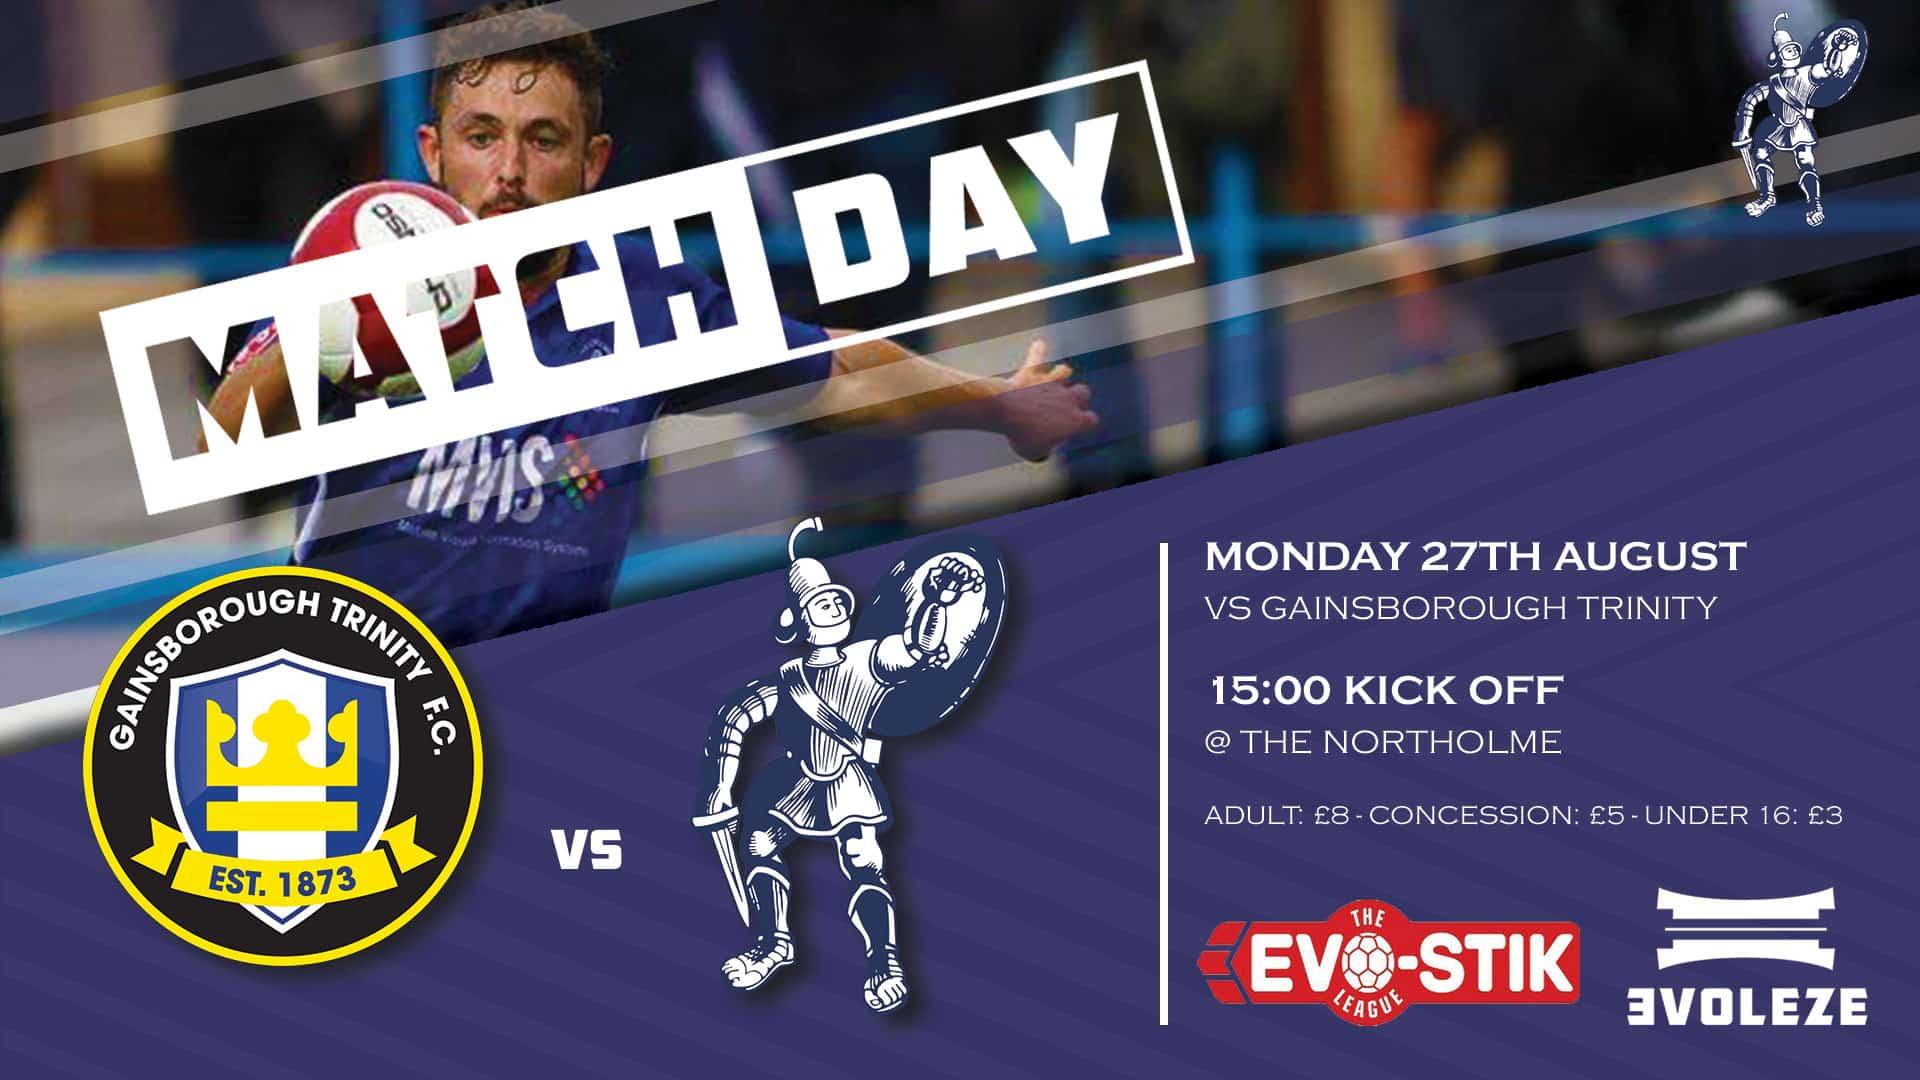 match day Matlock Town FC